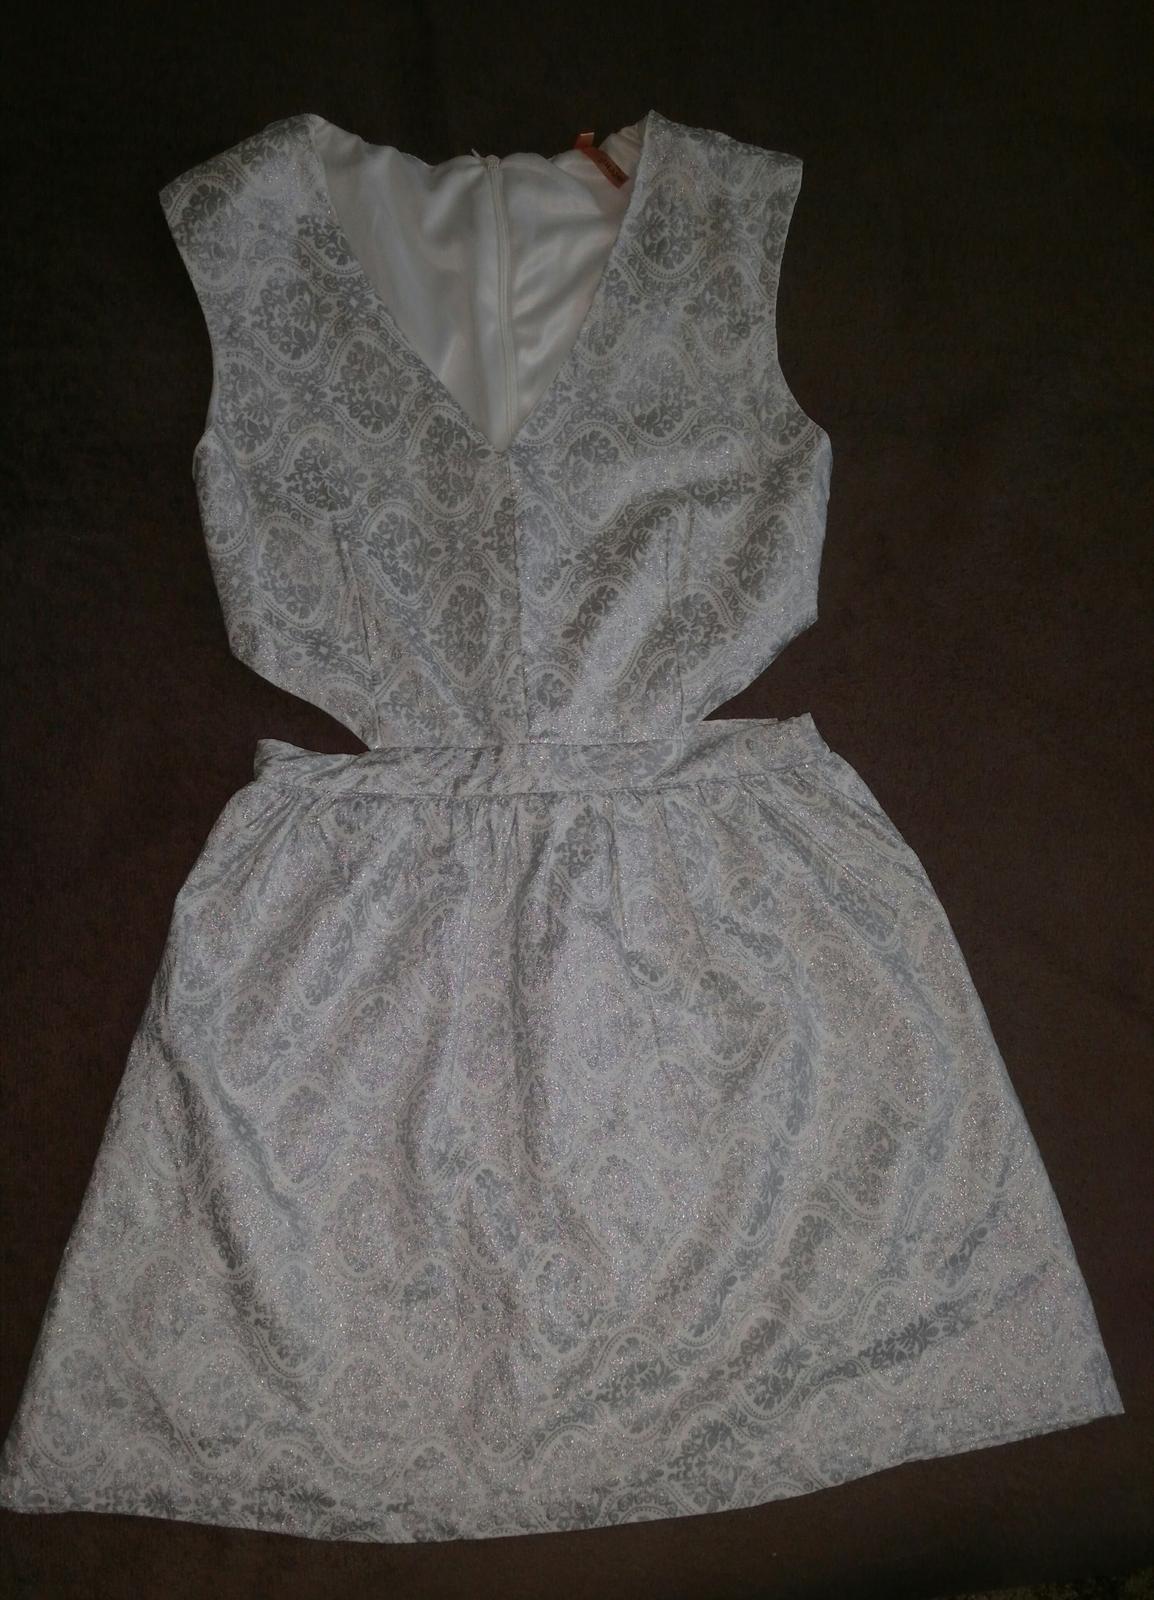 Strieborné sexi šaty 38/M - Obrázok č. 1